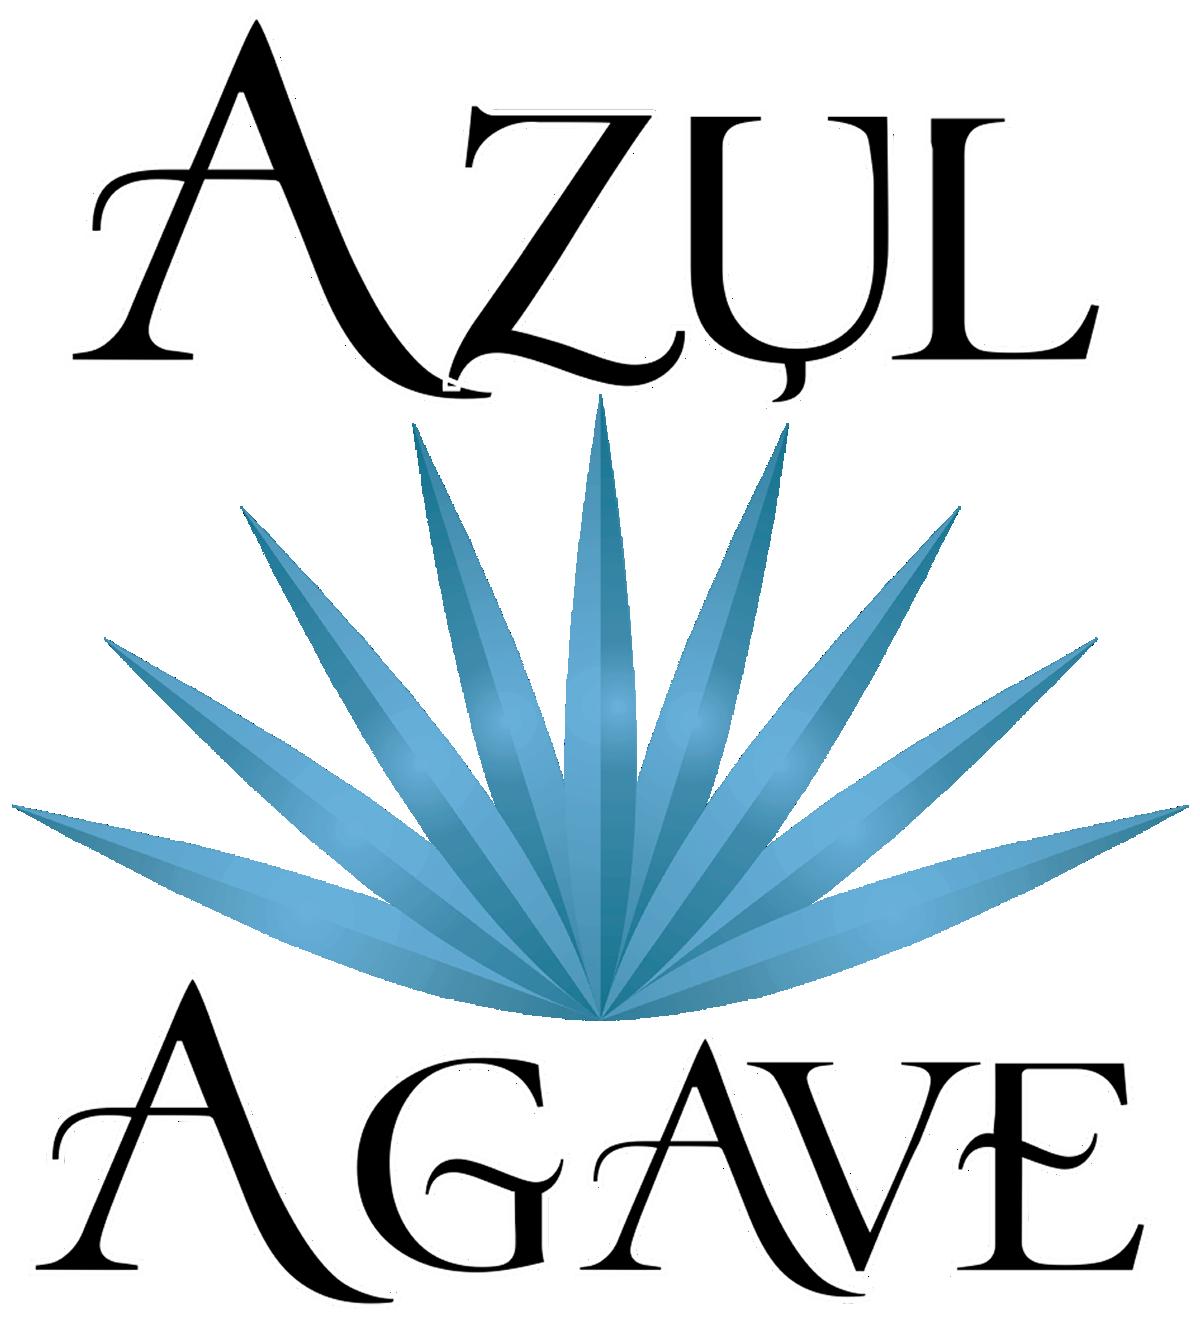 Azul Agave Mexican RestaurantAzul Agave Mexican Restaurant